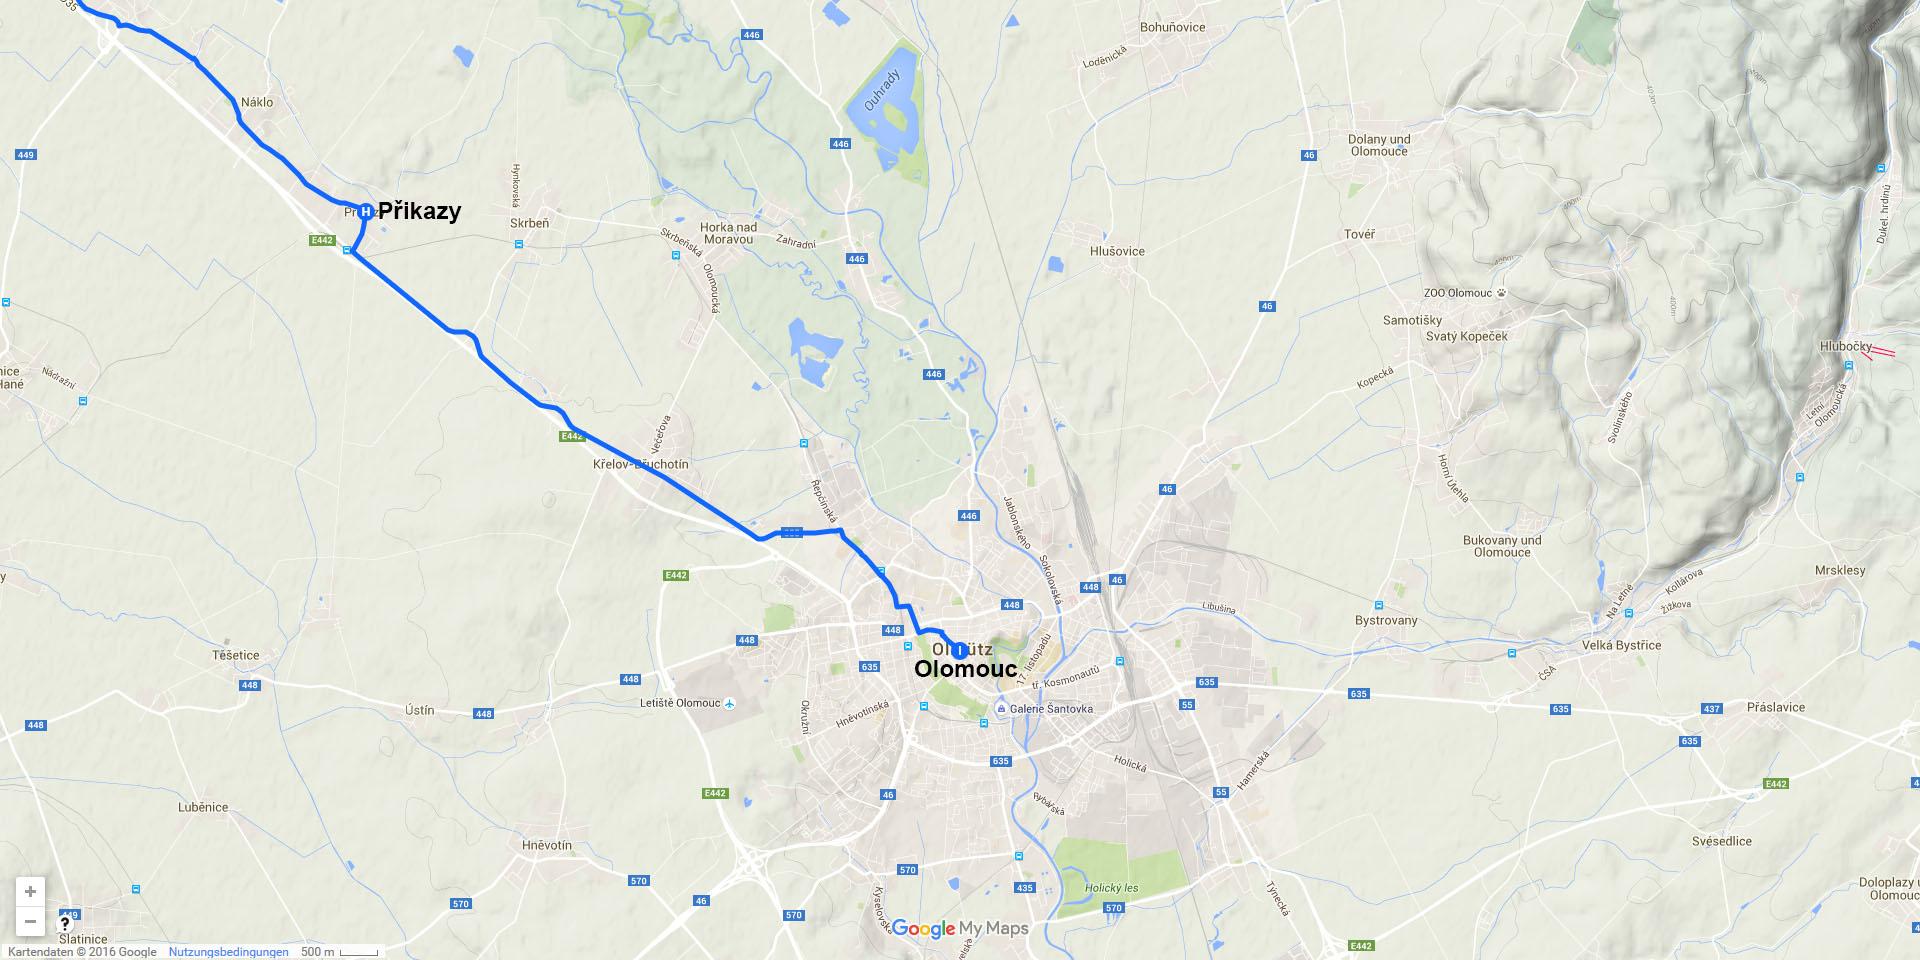 Die Tagesstrecke von Přikazy nach Olomouc